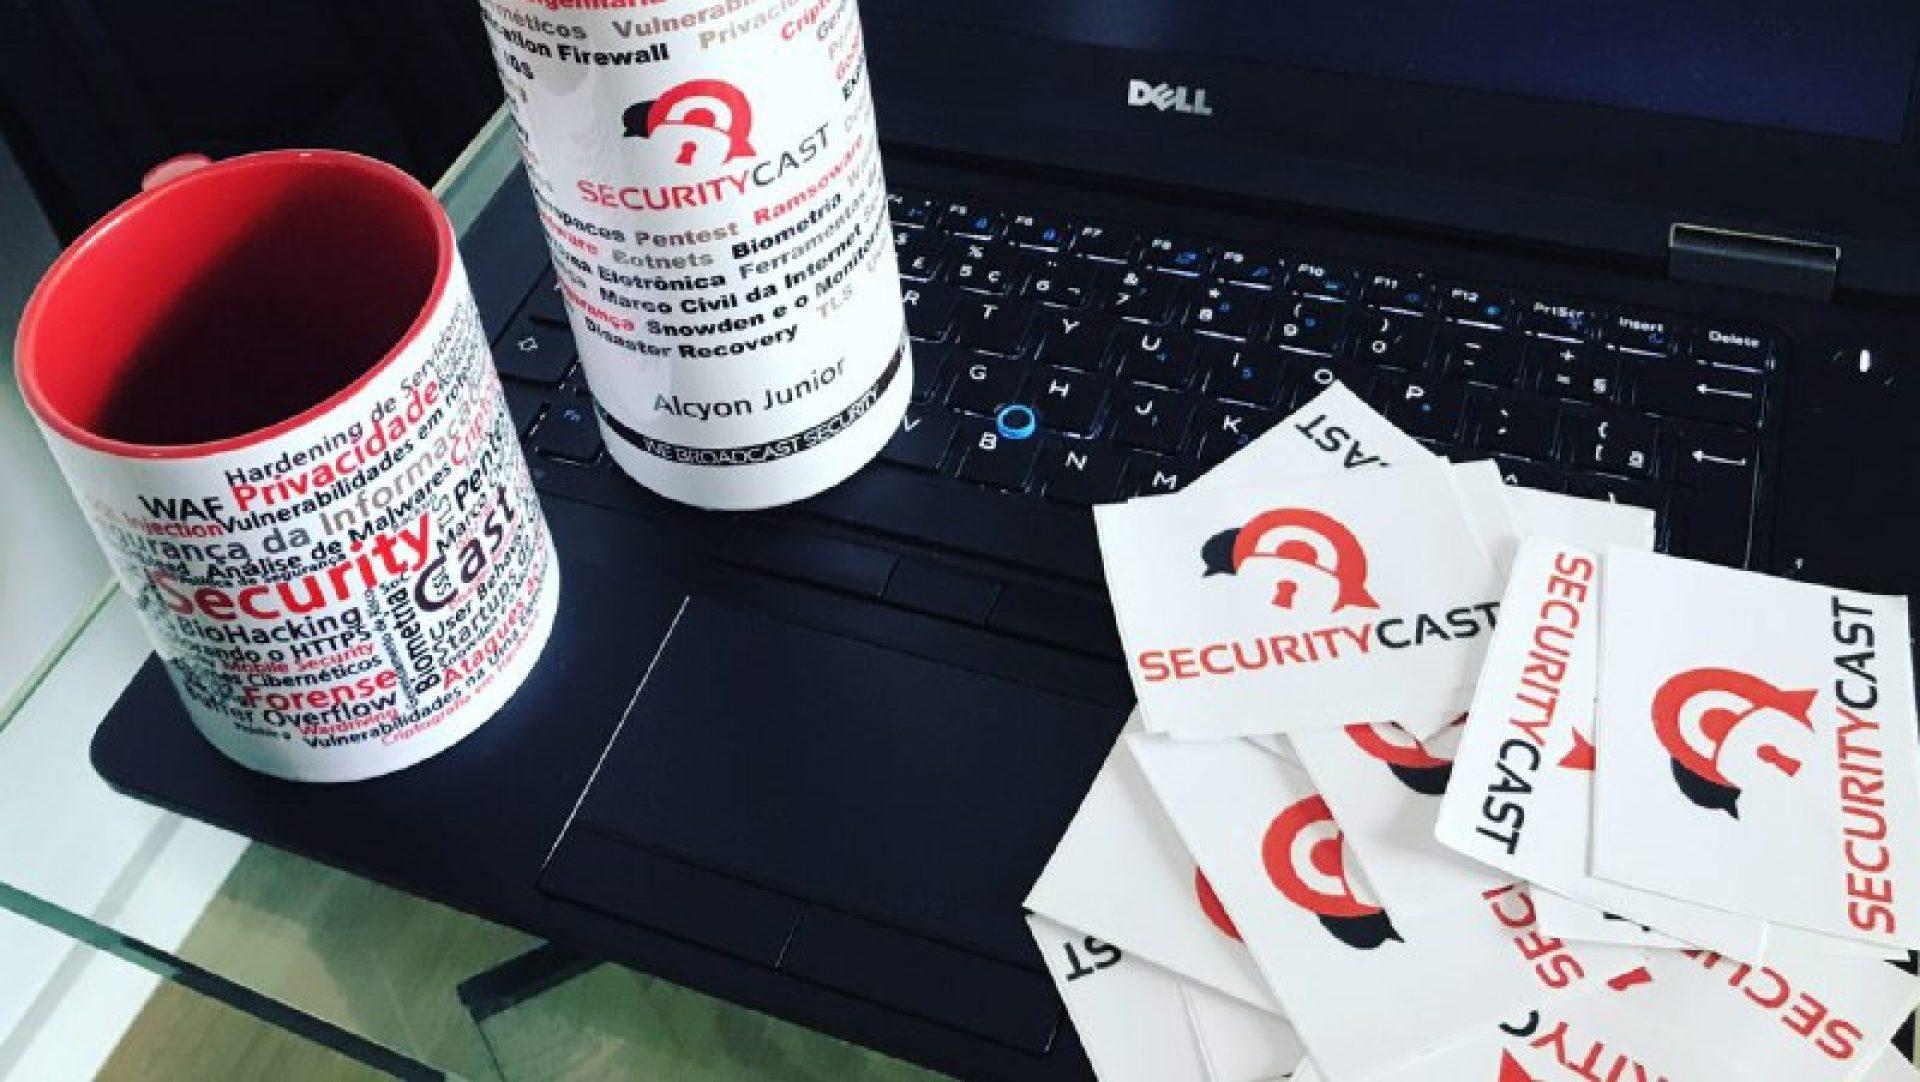 SecurityCast